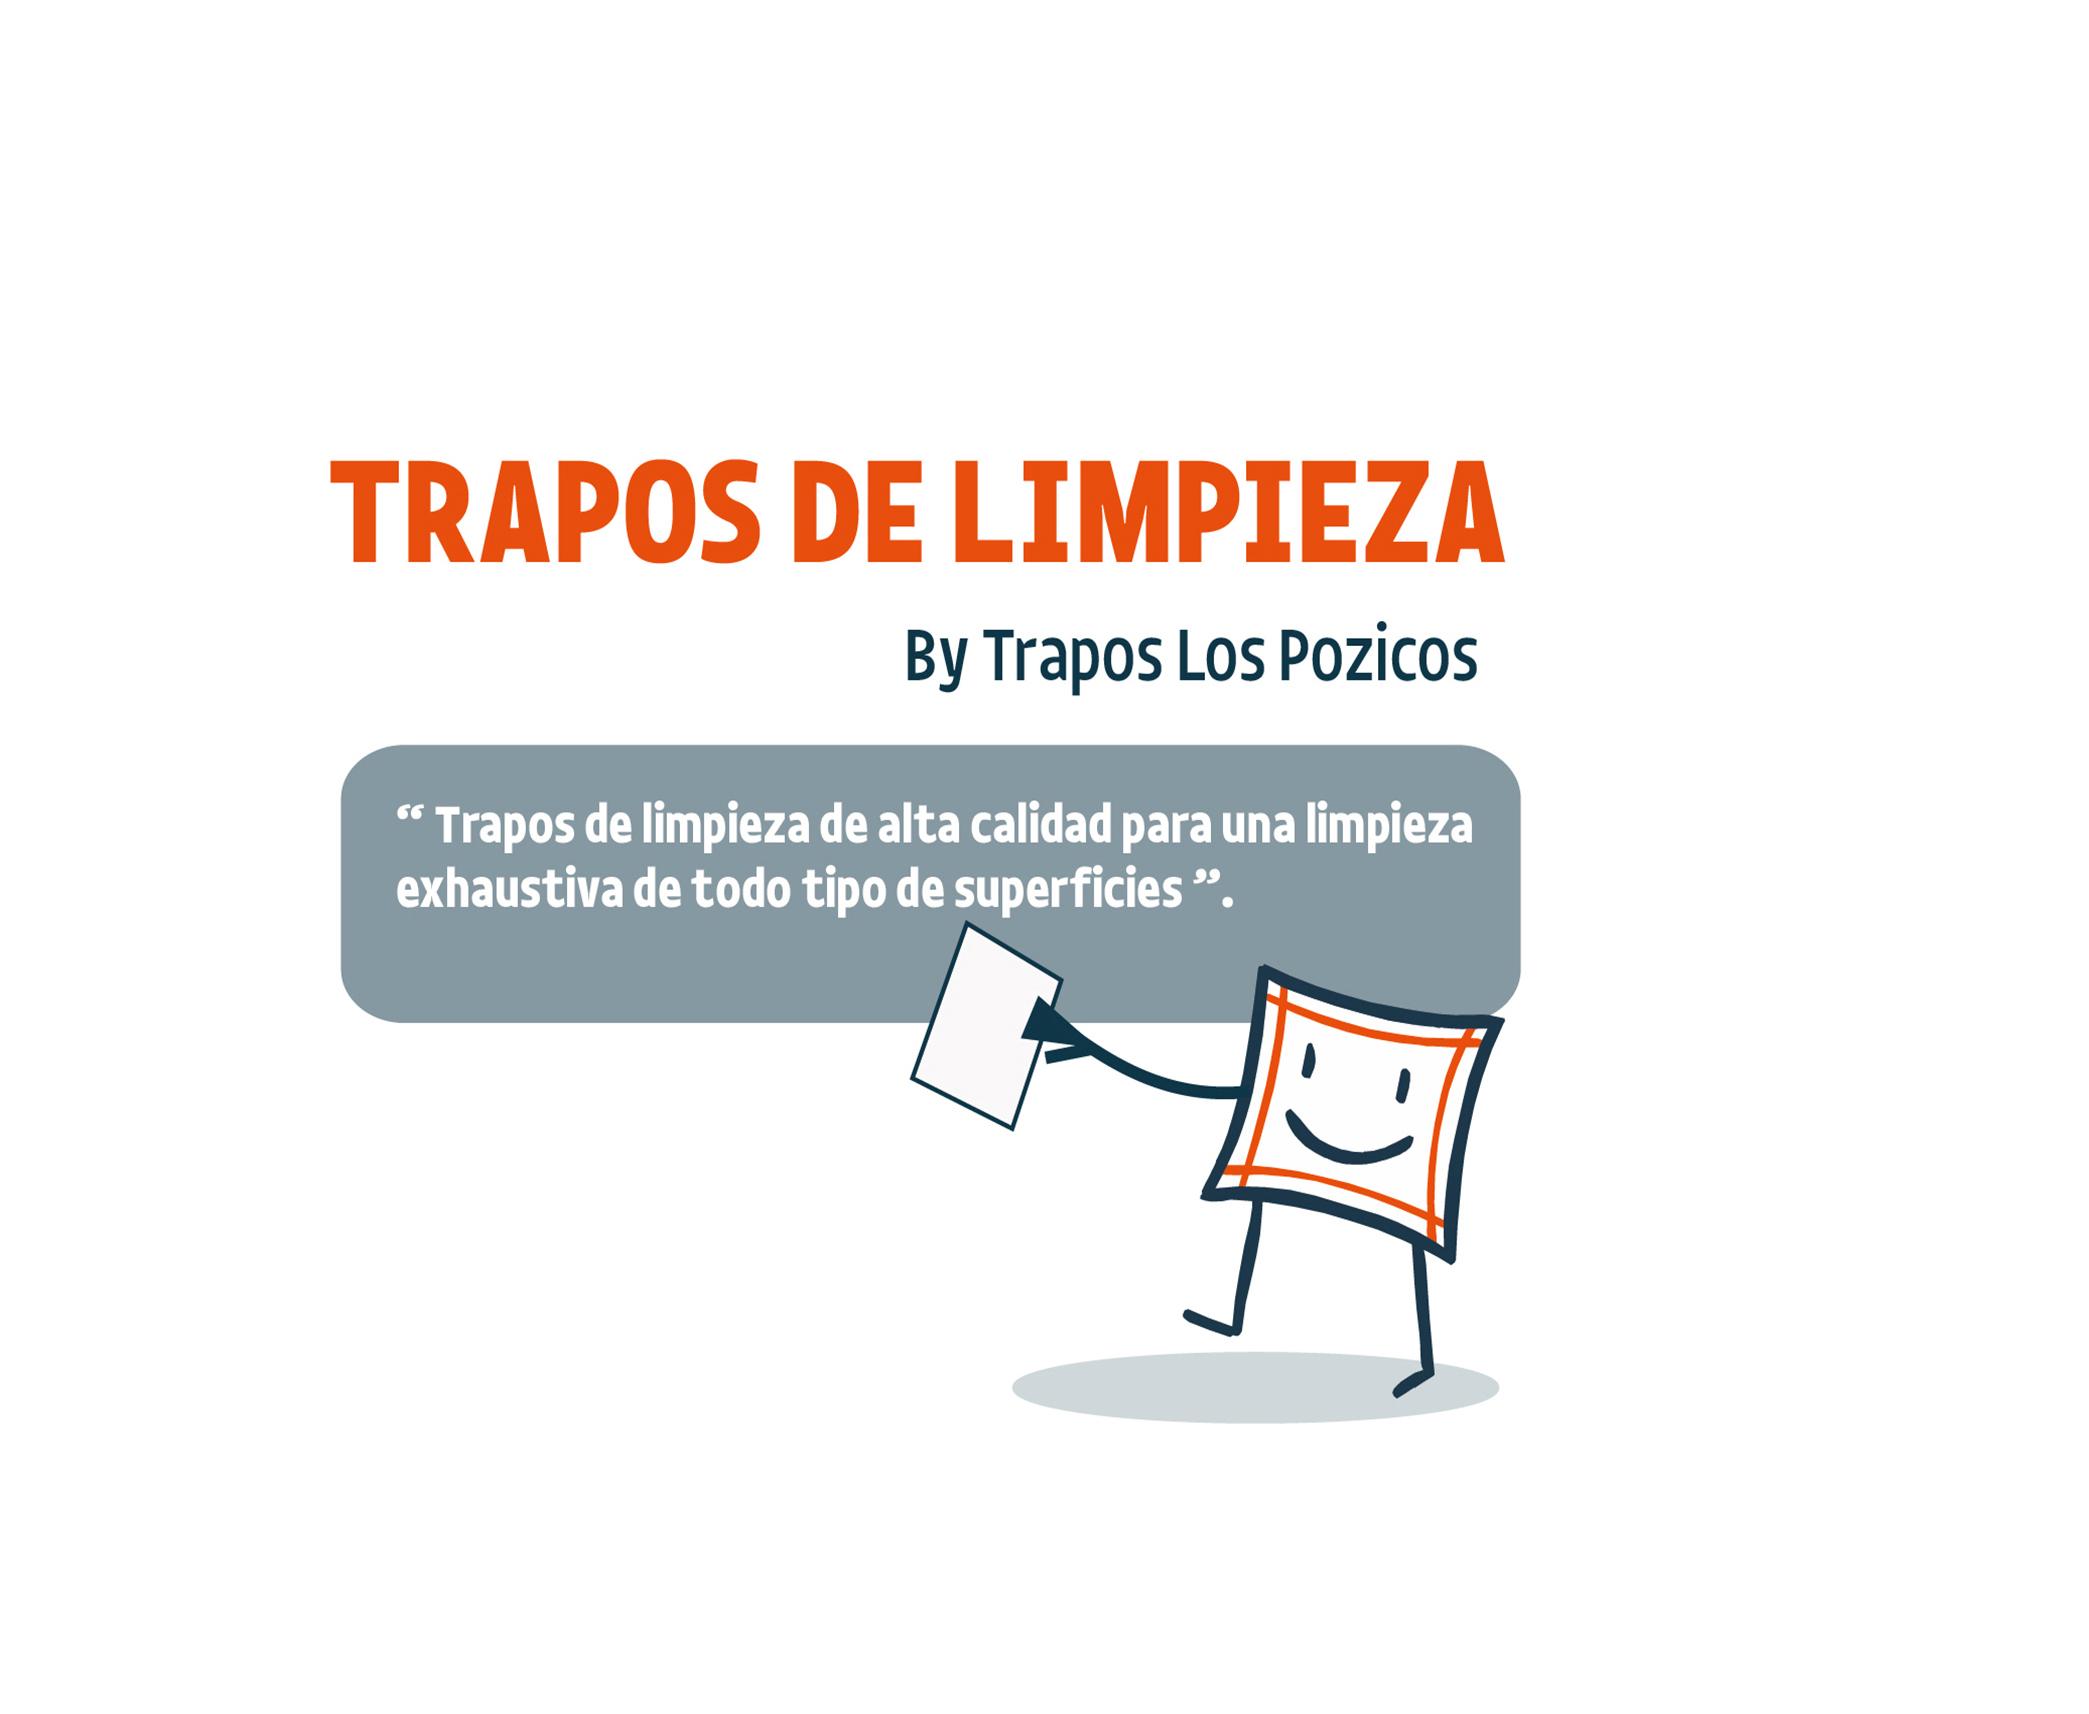 trapin dice by trapos los pozicos